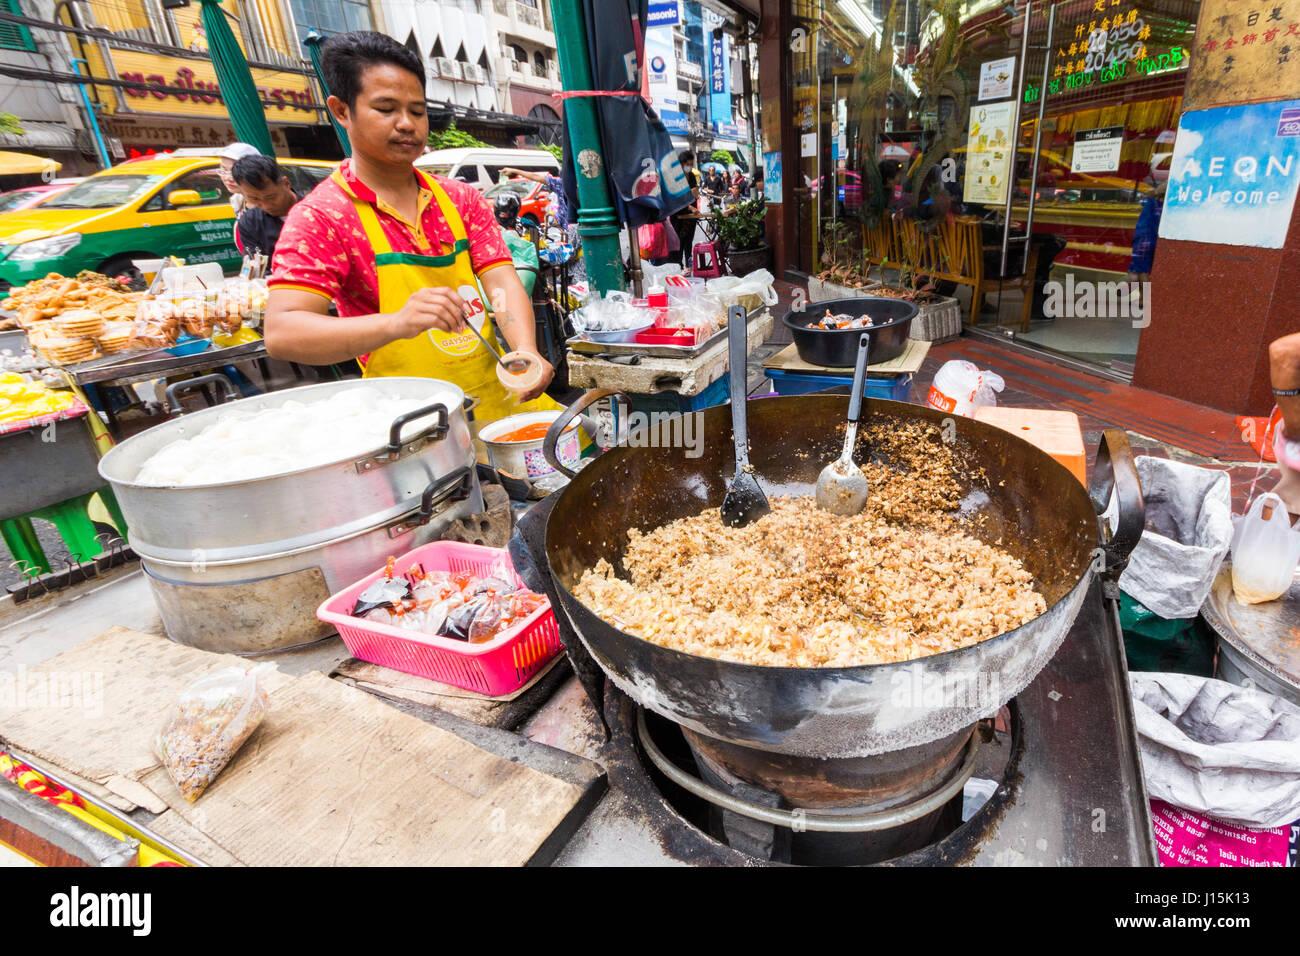 Thai Street Food Vendor In Manhattan